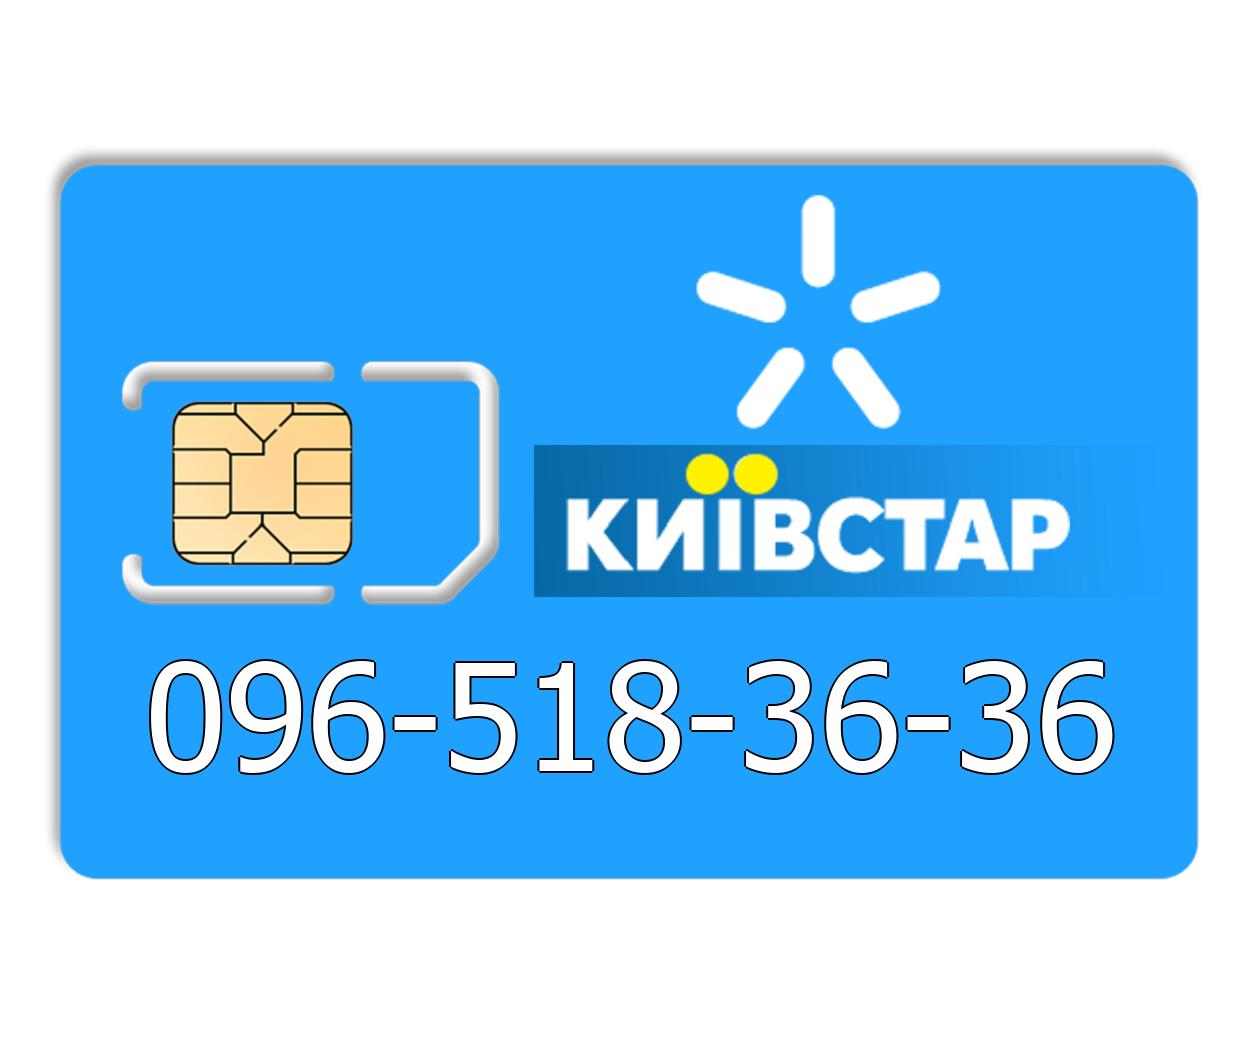 Красивый номер Киевстар 096-518-36-36